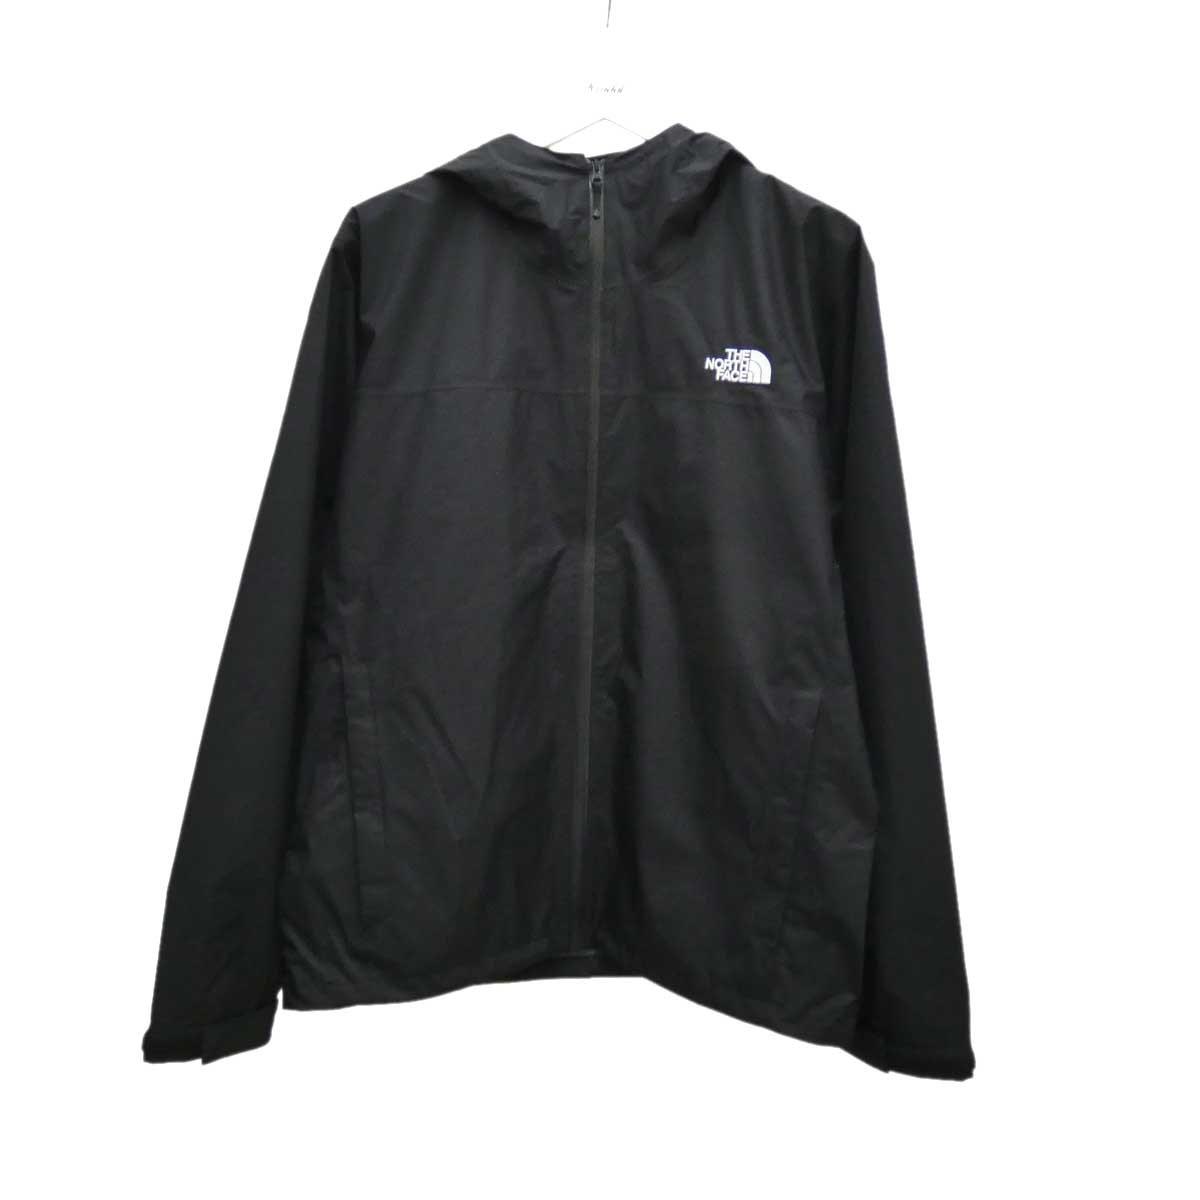 【中古】THE NORTH FACE ベンチャージャケット ブラック サイズ:L 【180720】(ザノースフェイス)